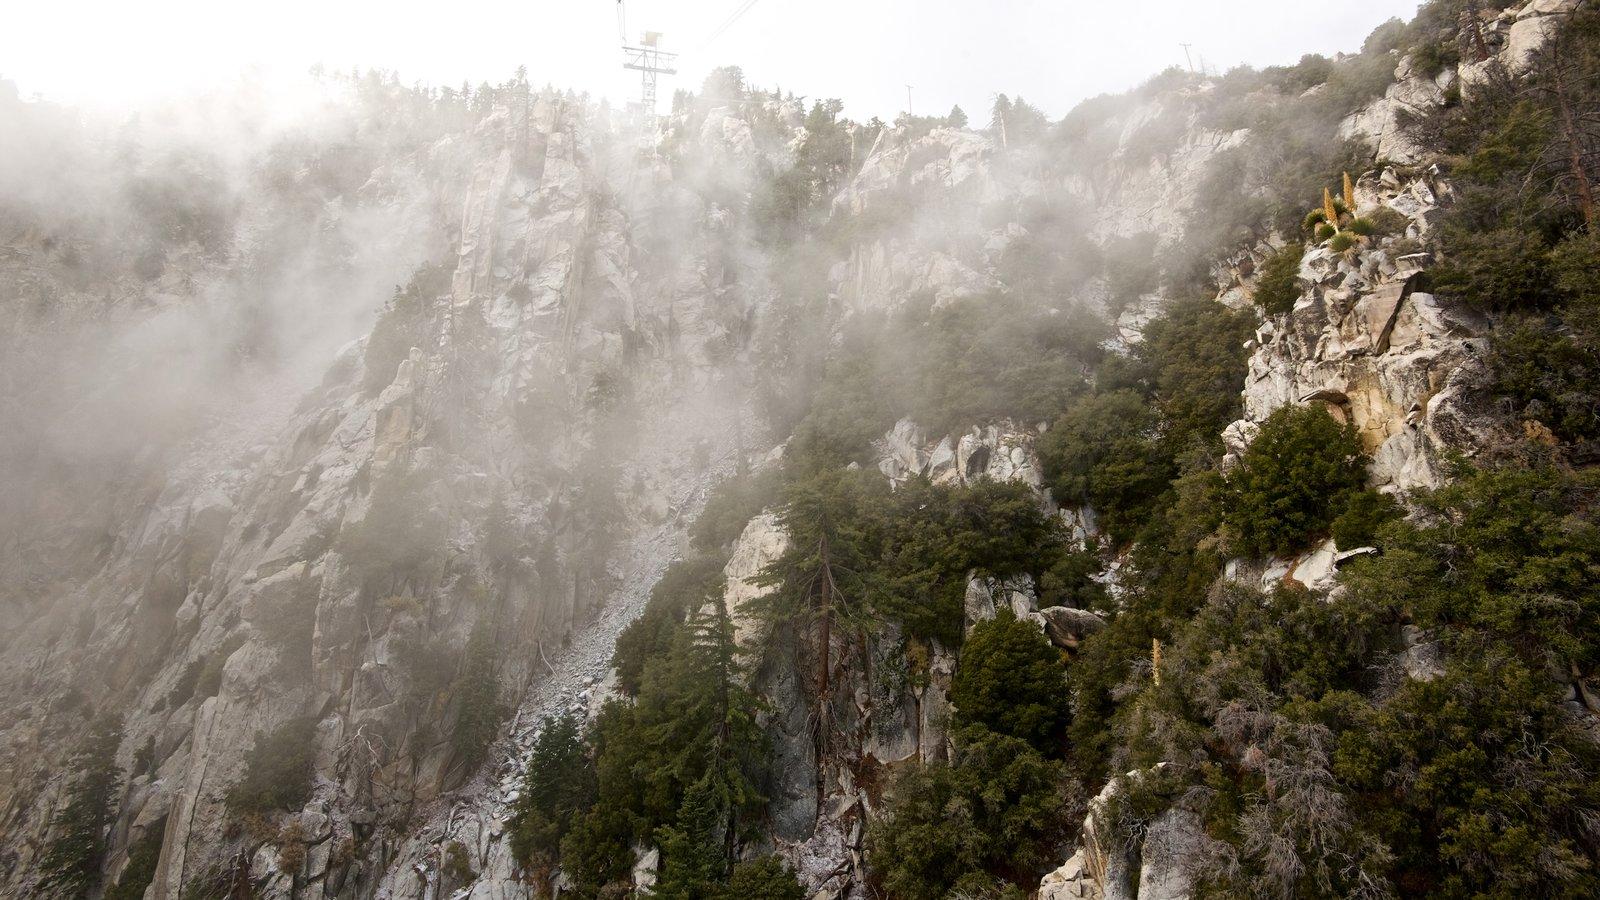 Teleférico de Palm Springs ofreciendo neblina o niebla y montañas